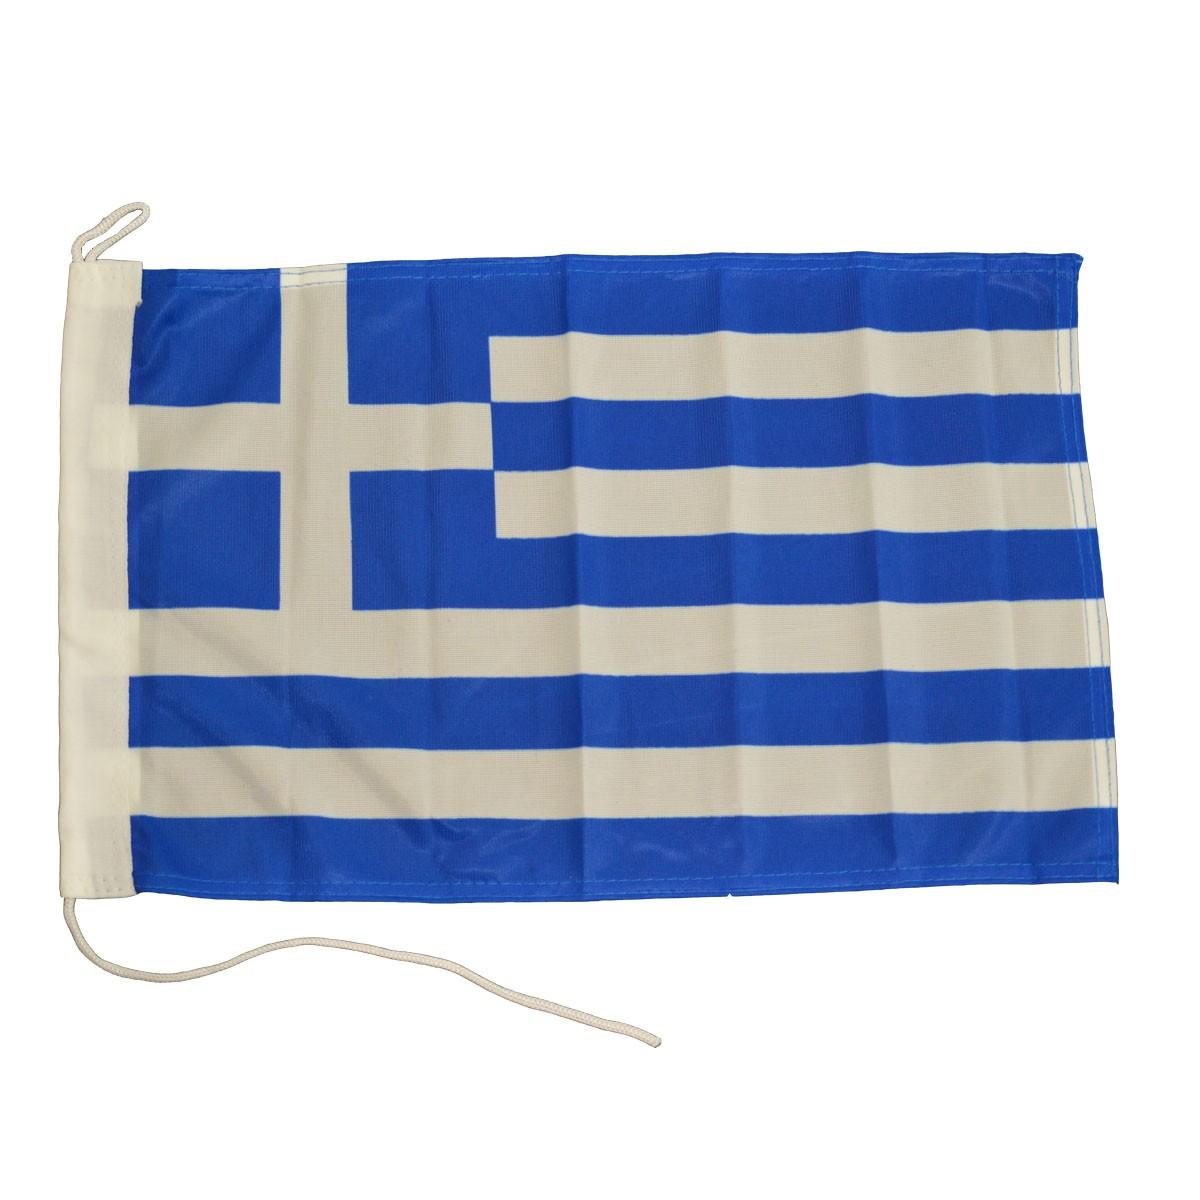 13.17 - Ελληνική Ορθογώνια Σημαία Μήκους 100cm